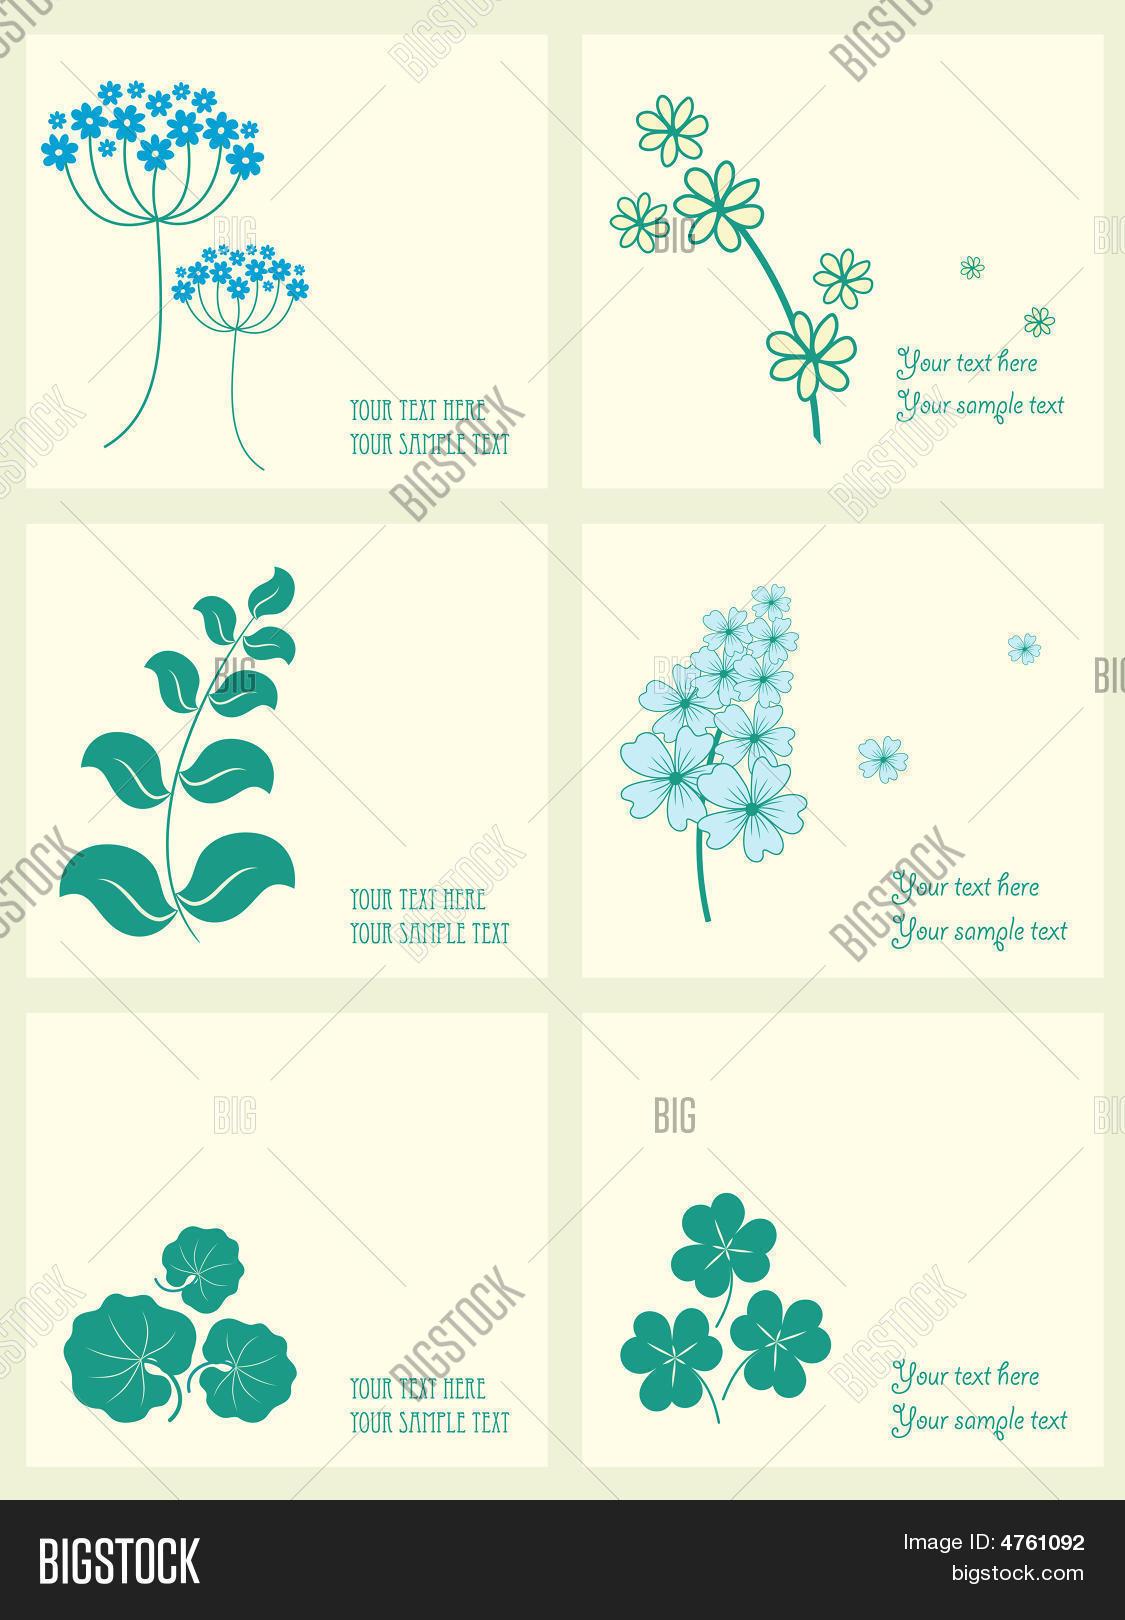 banco de jardim vetor:jardim e o conjunto de quadros de ervas. Bancos de Vetores & Bancos de